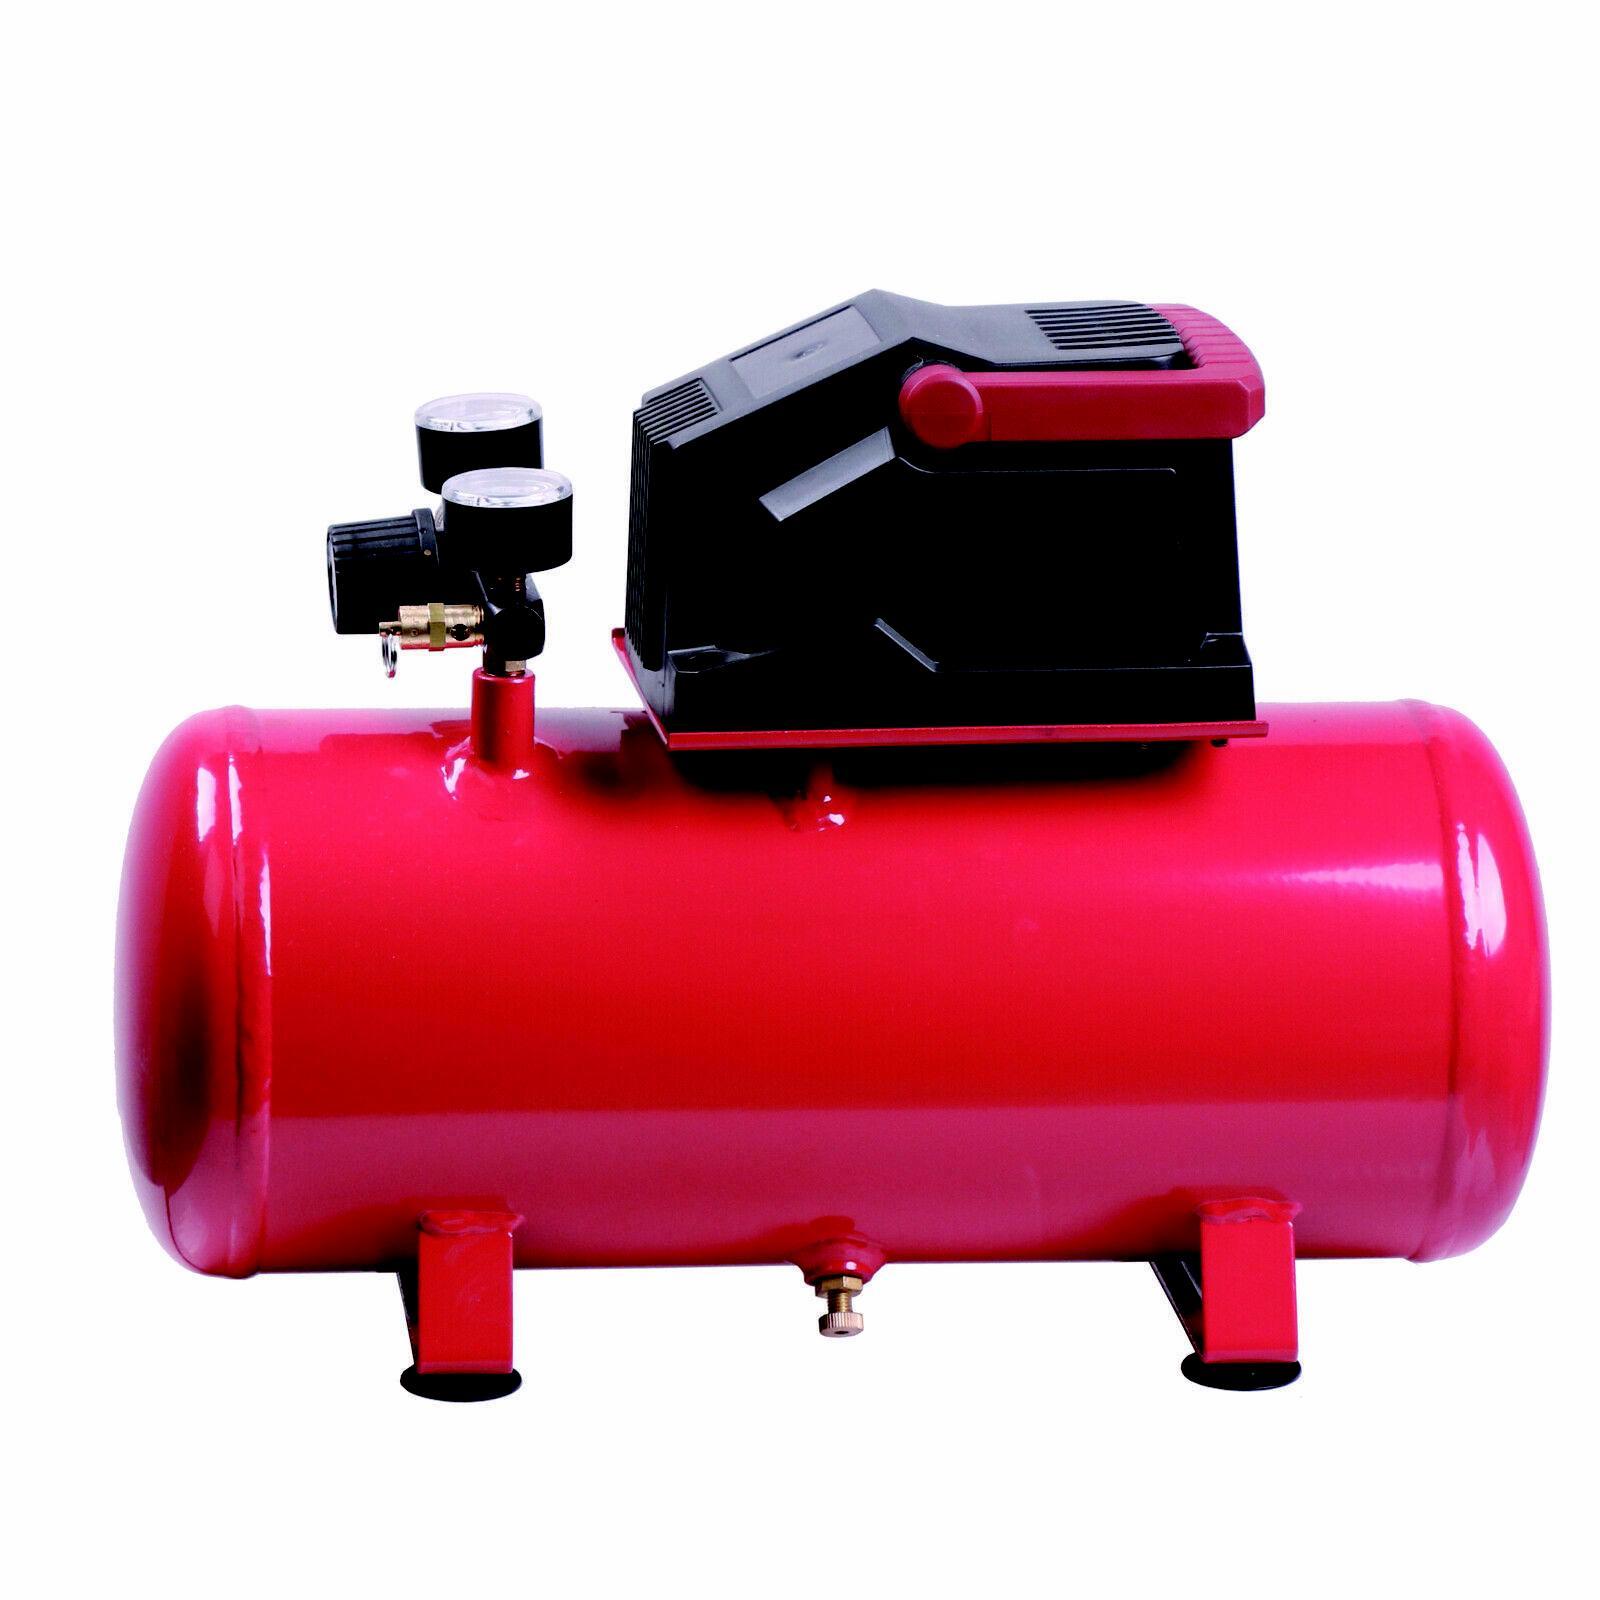 Portable Compressor Hotdog Free Pump Durable Car NEW